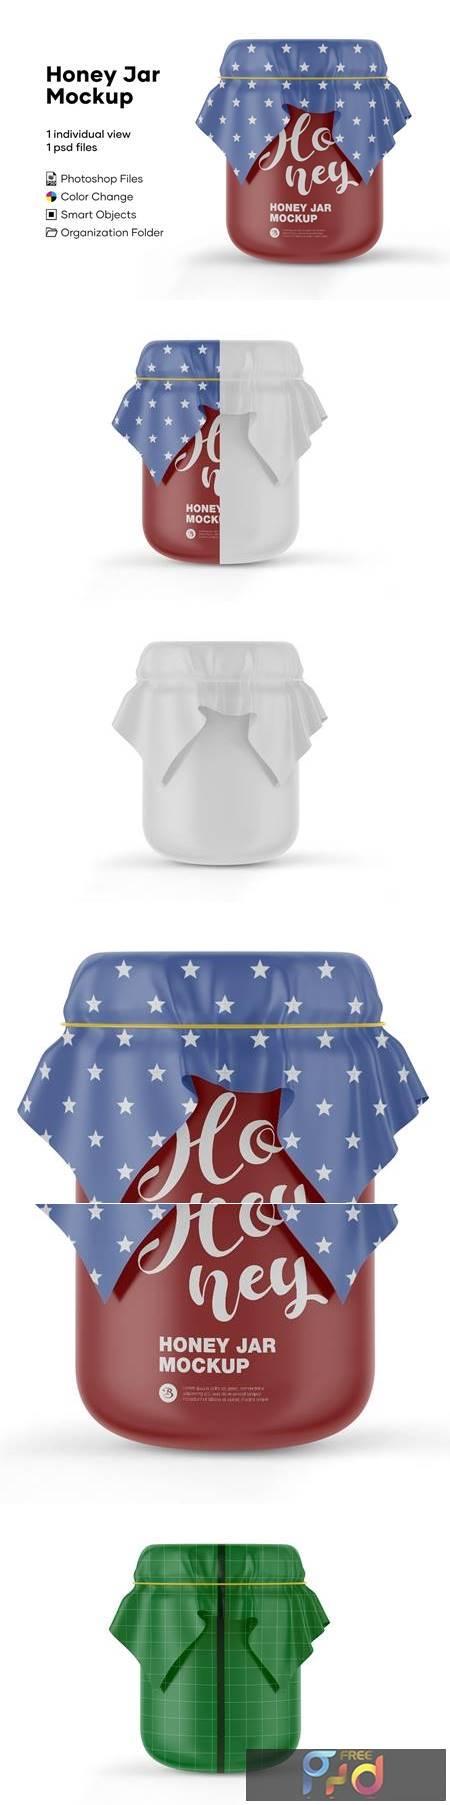 Honey Jar Mockup 5175585 1